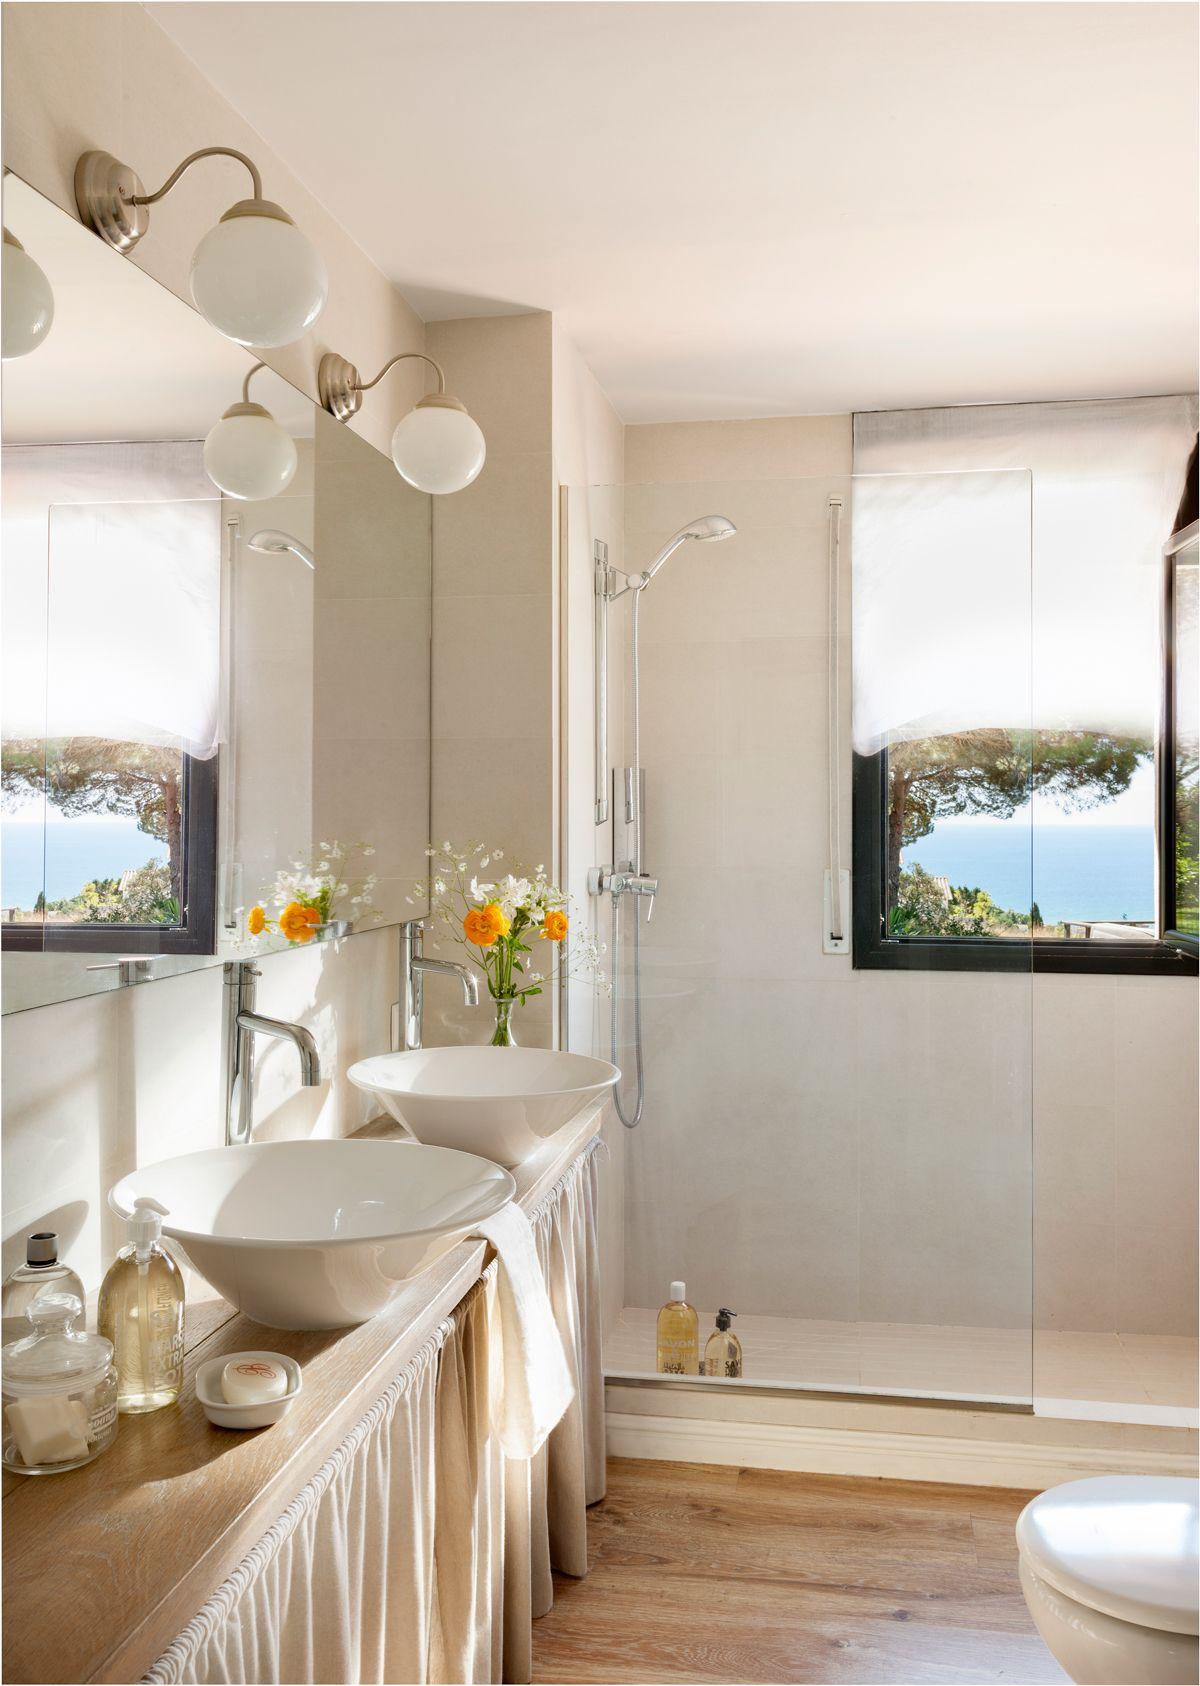 Baño con mueble con cortinas, lavamanos redondos y exentos, espejo ...